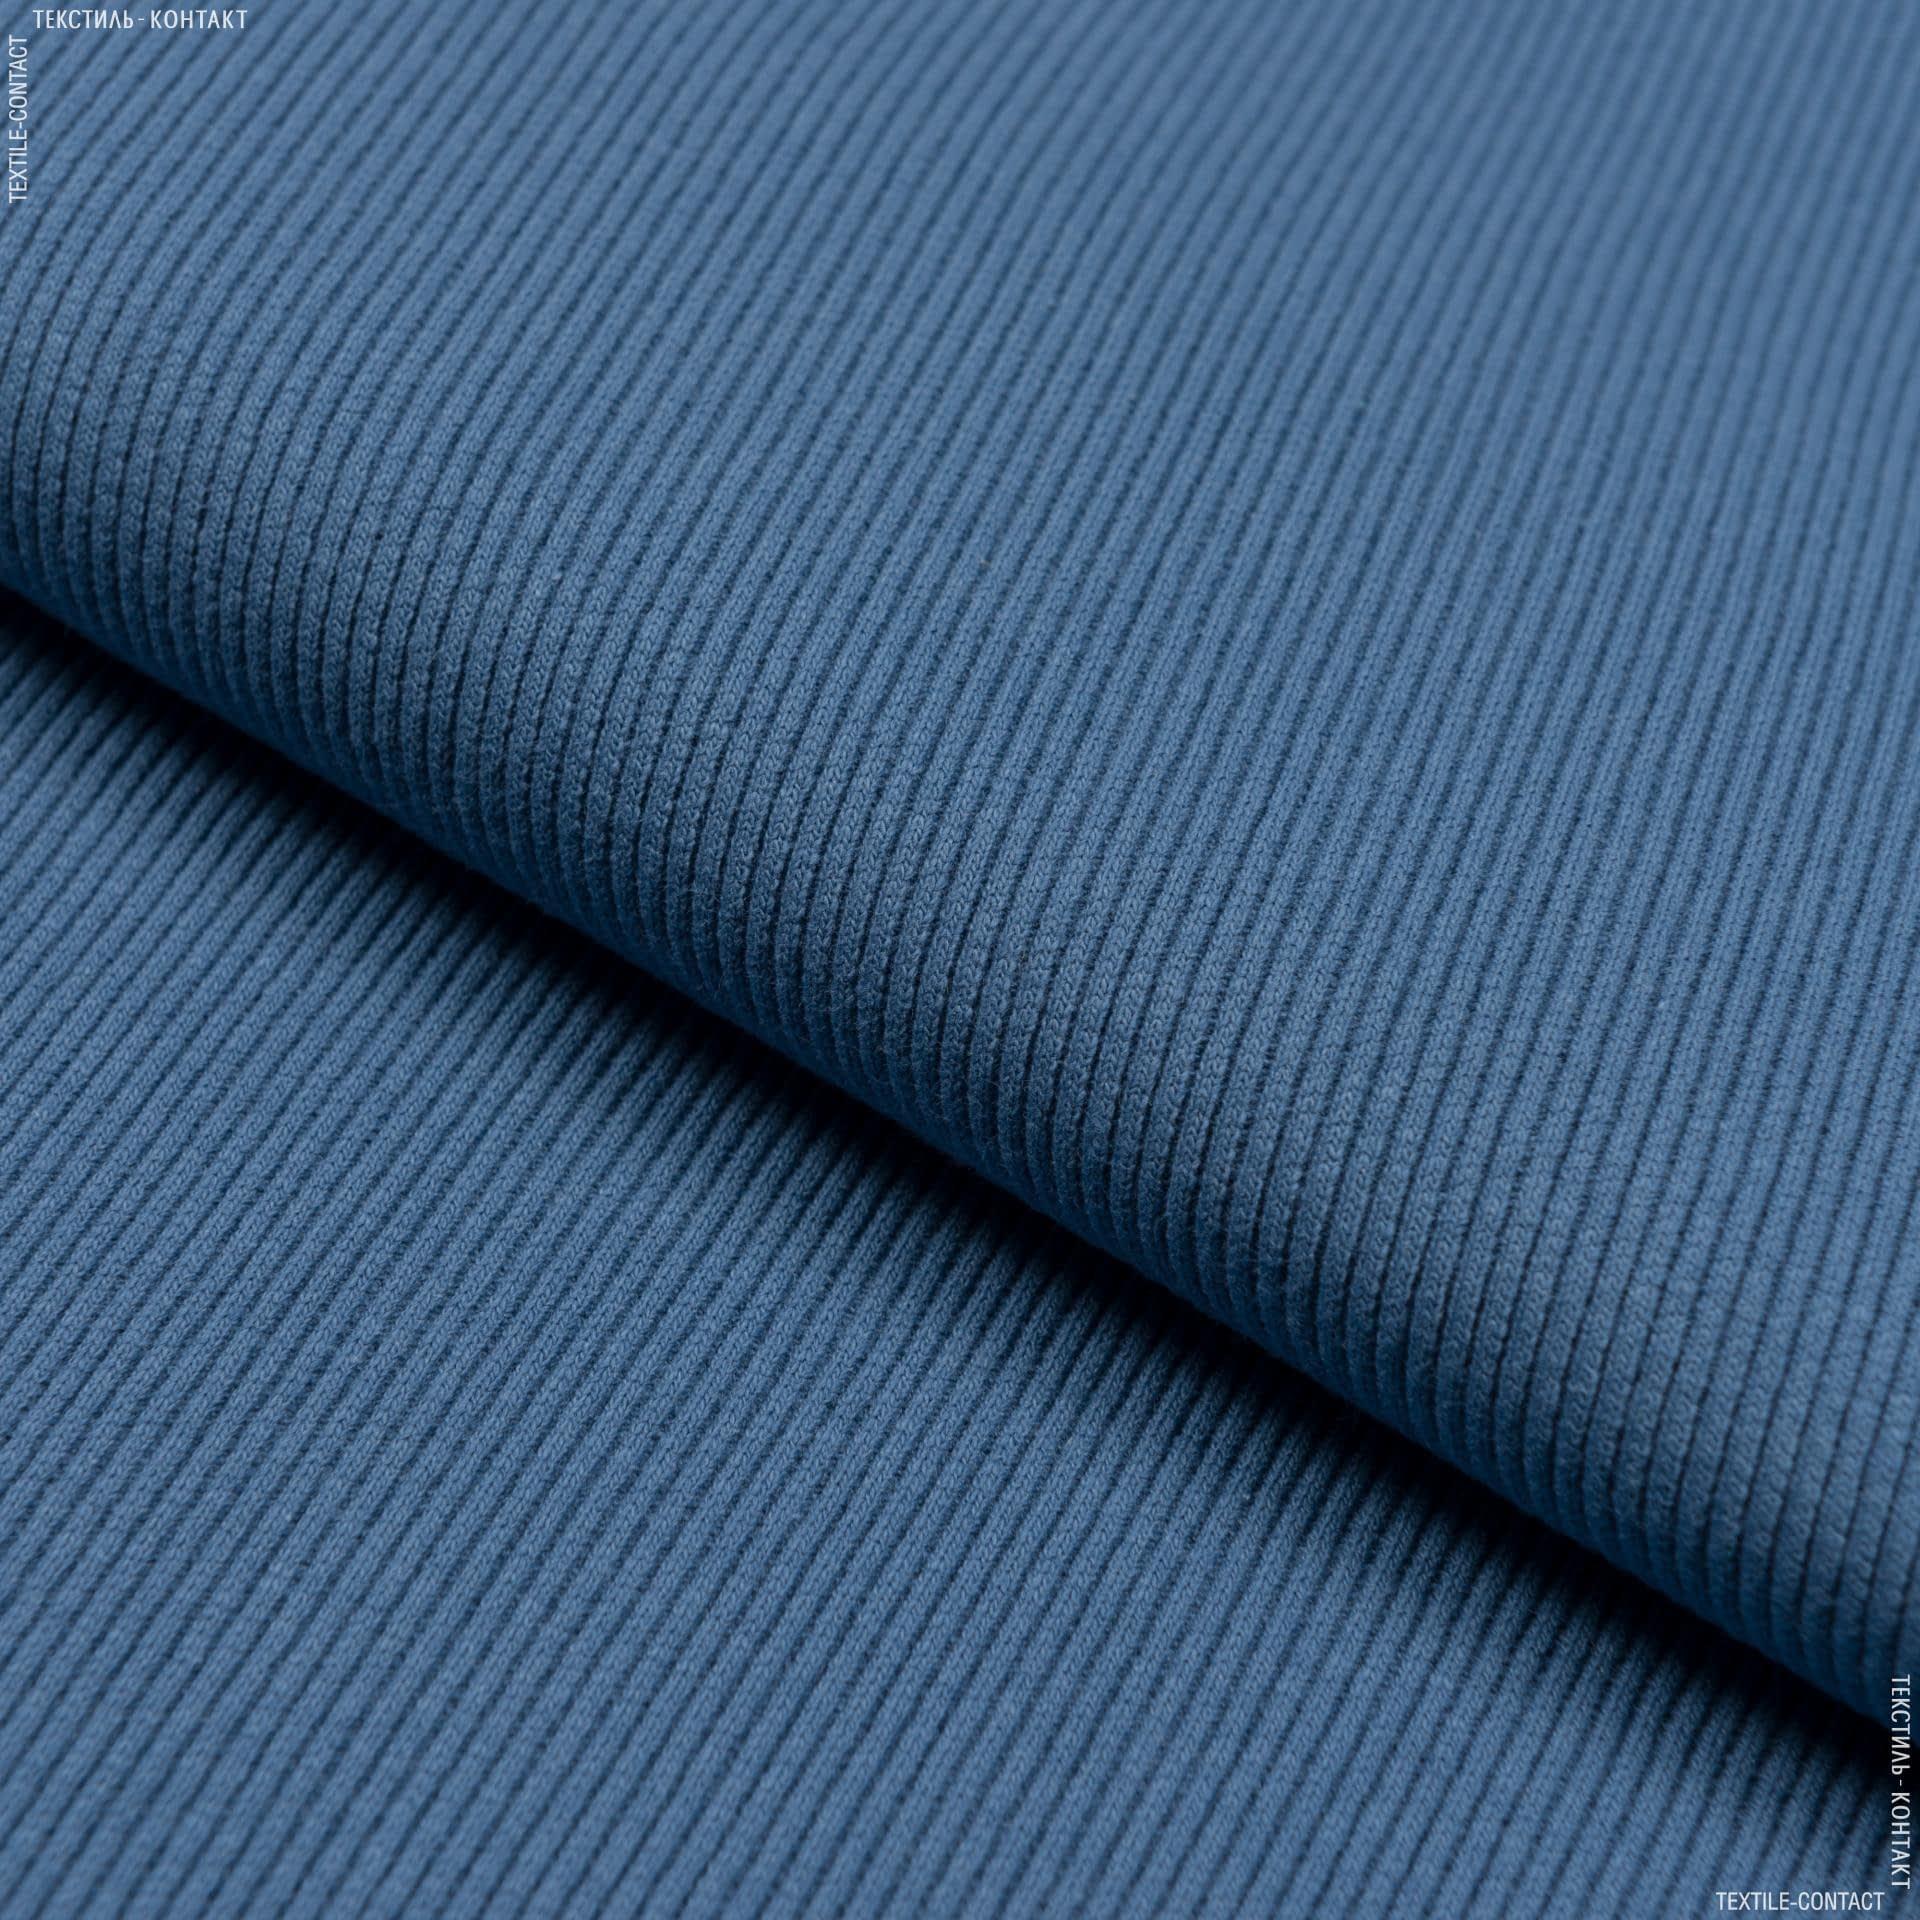 Ткани для платьев - Рибана к футеру 2-нитке 65см*2 индиго